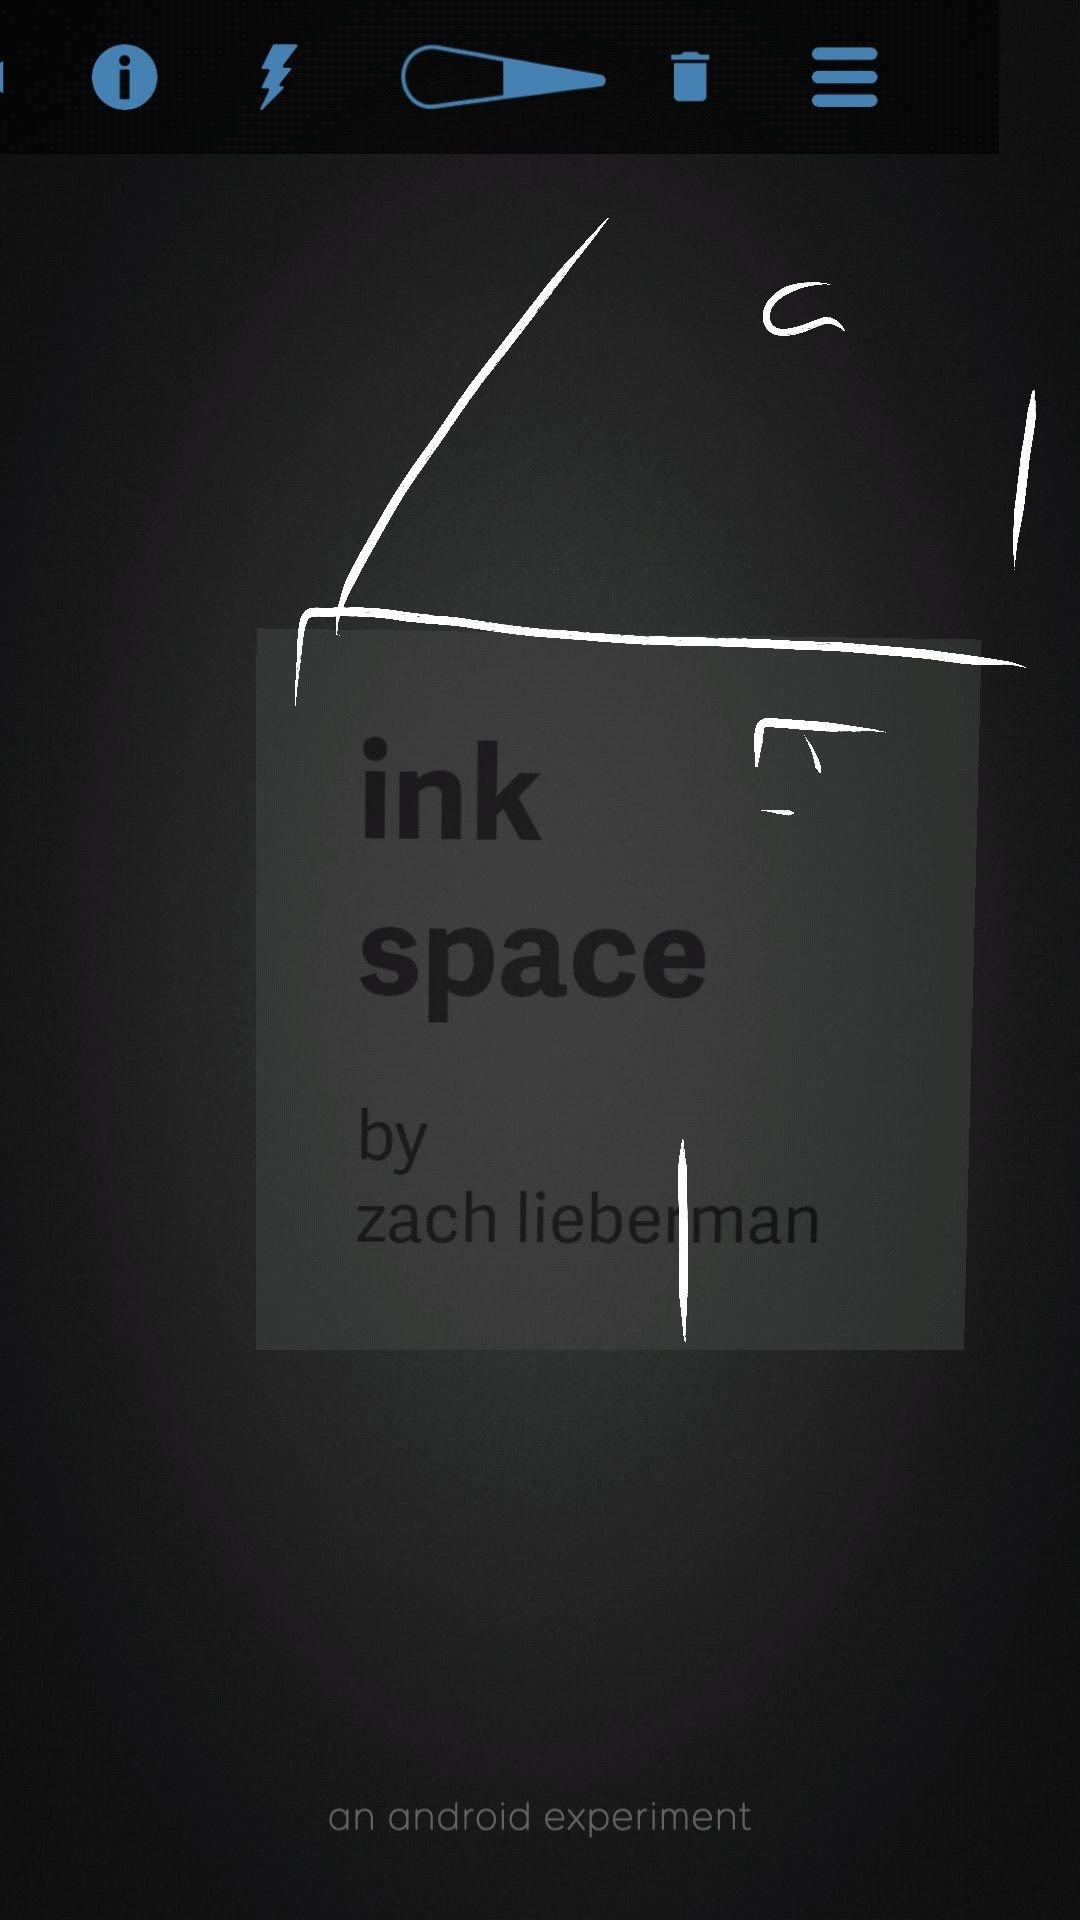 Ink Space App